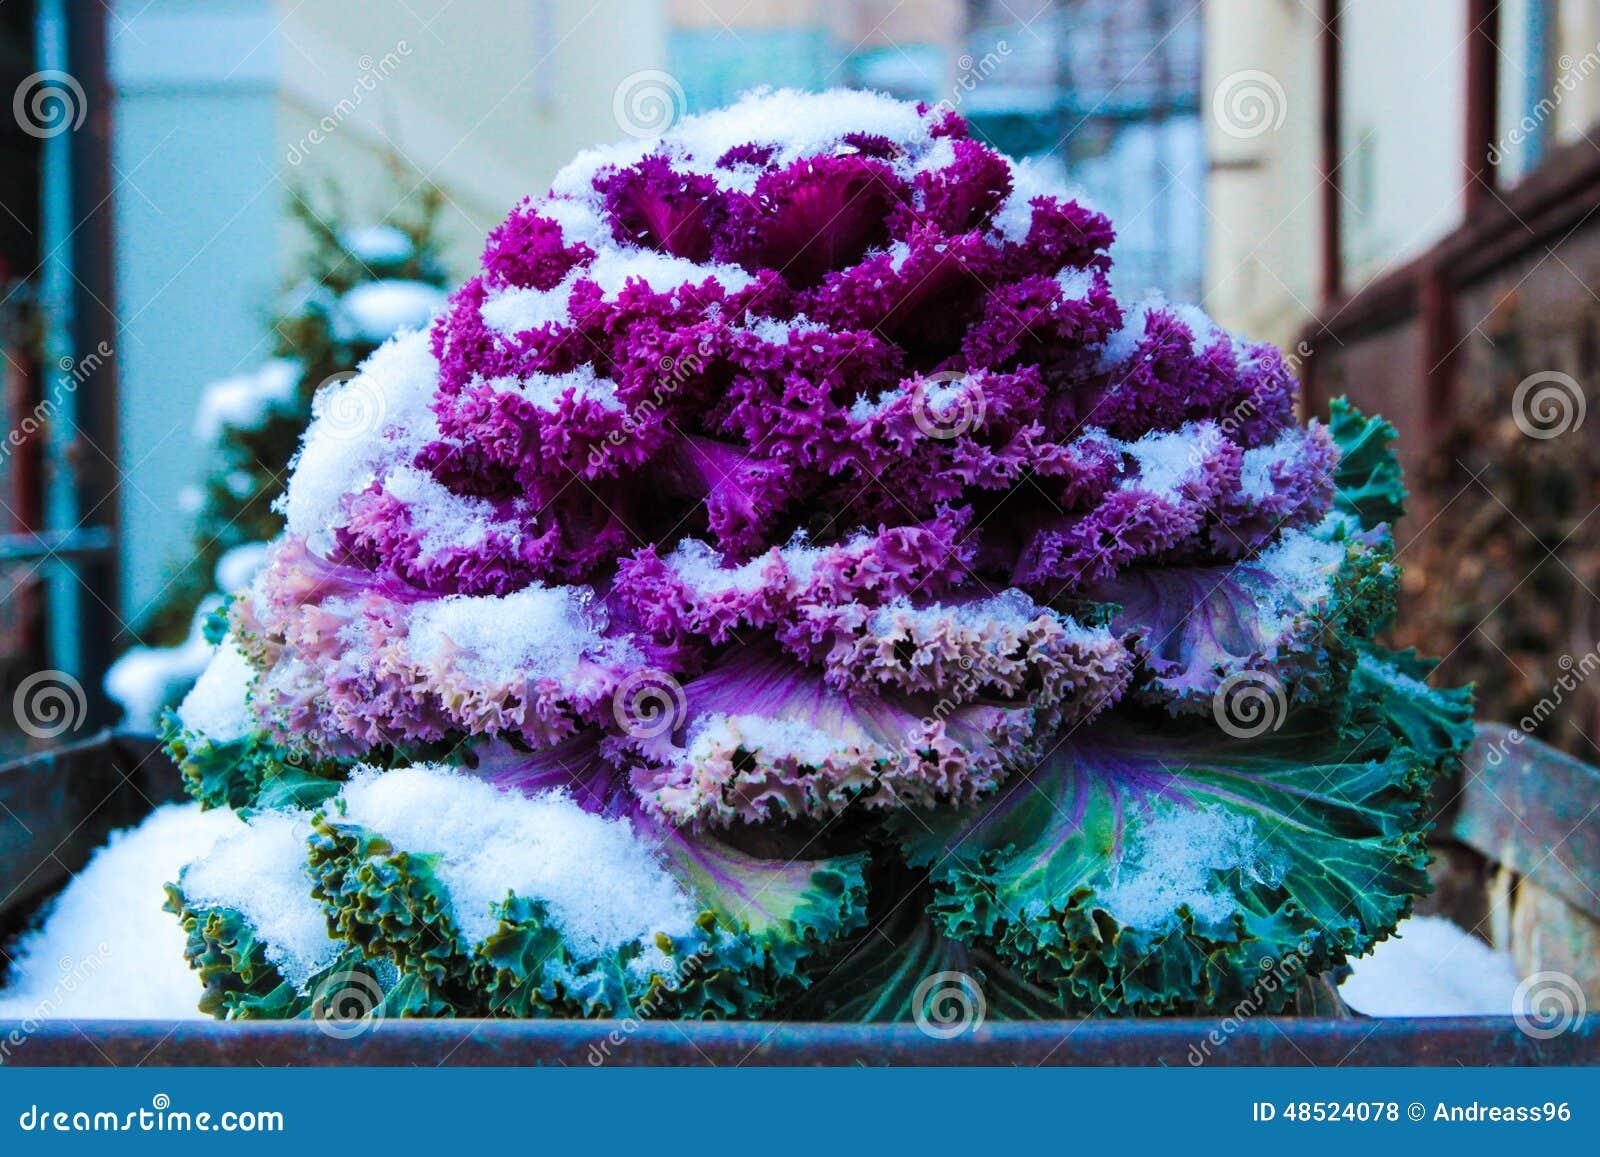 Cavolo ornamentale fotografia stock immagine 48524078 for Cavolo ornamentale